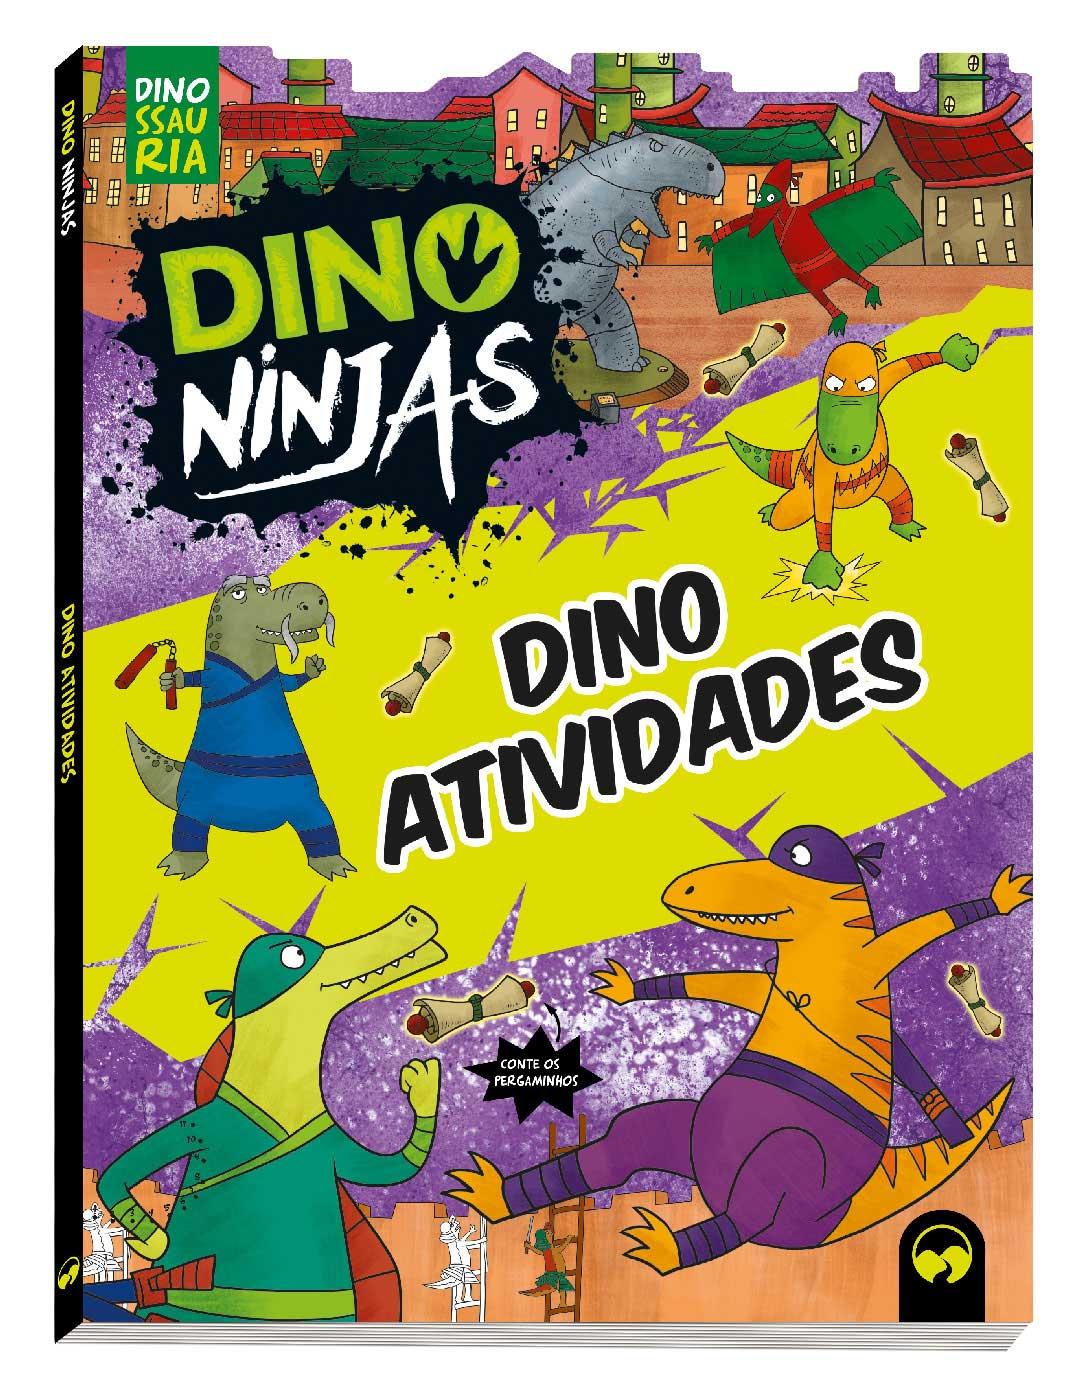 Dino Atividades Ninjas - Roxo